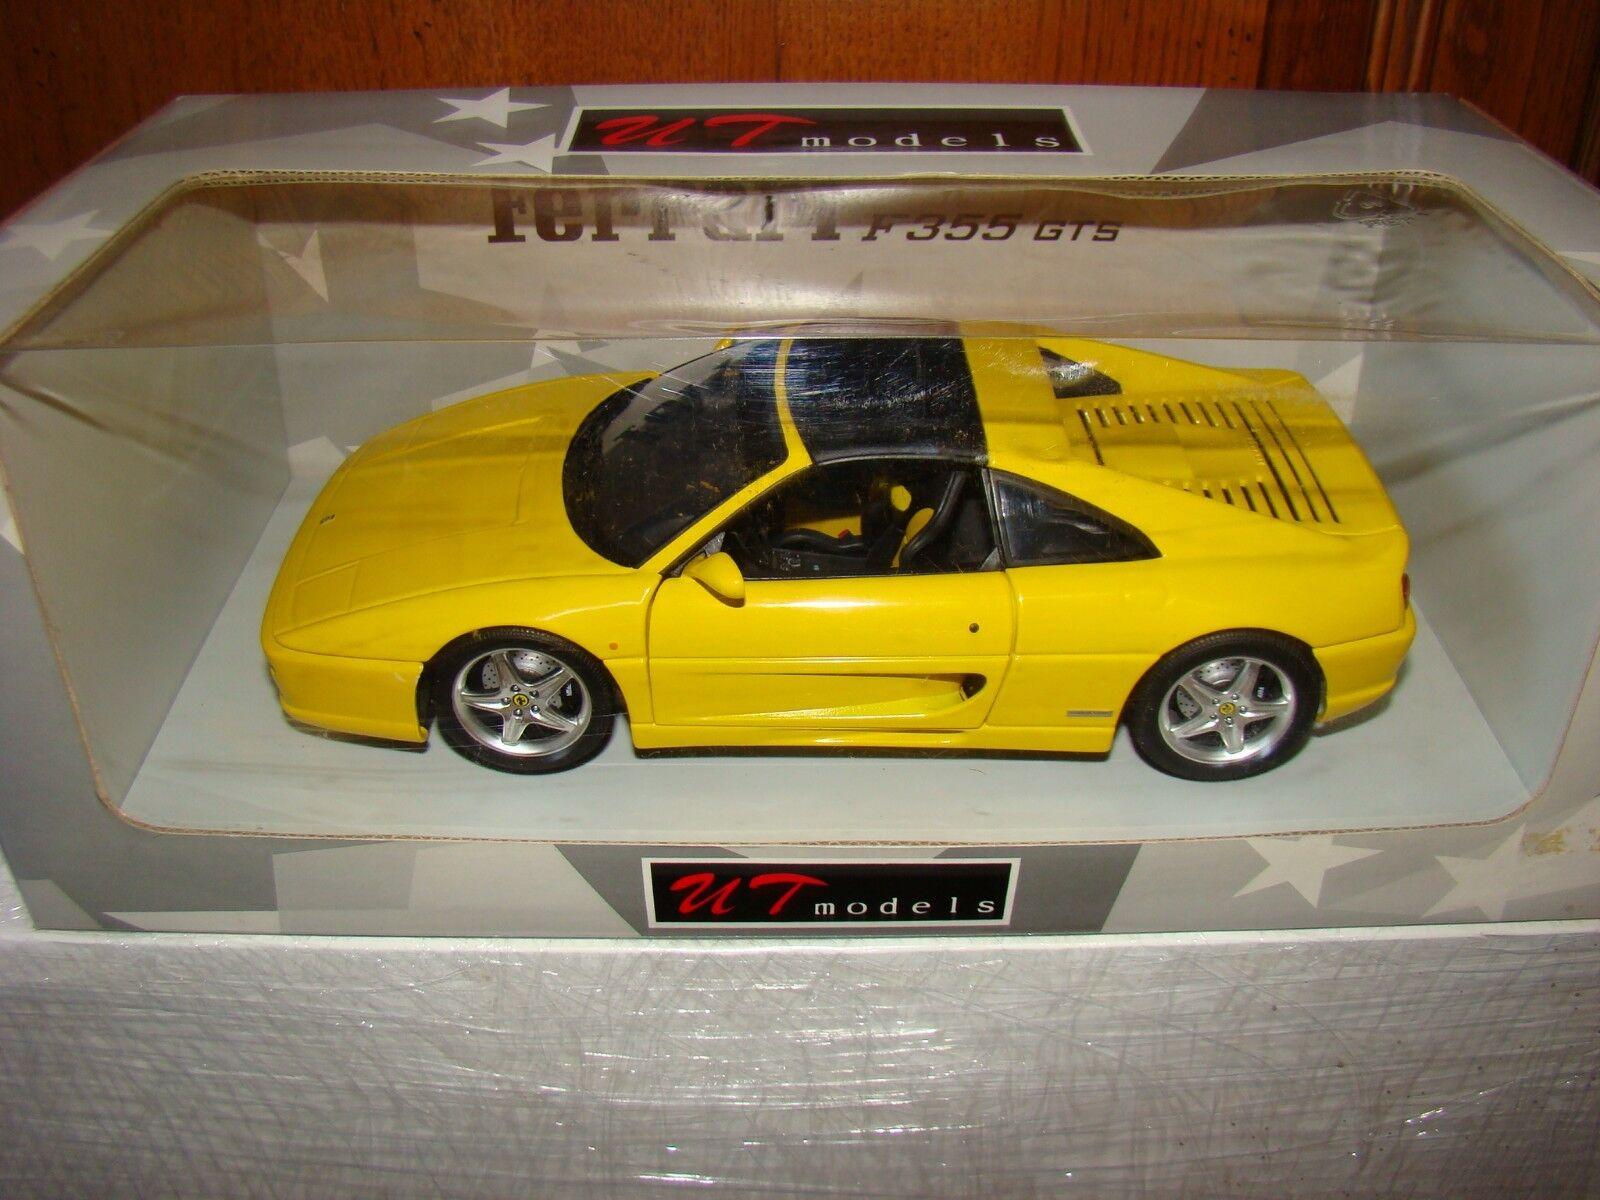 FERRARI 355 GTS UT MODELS amarillo ECHELLE 1 18 EME SOLD OUT súperBE ET RARE